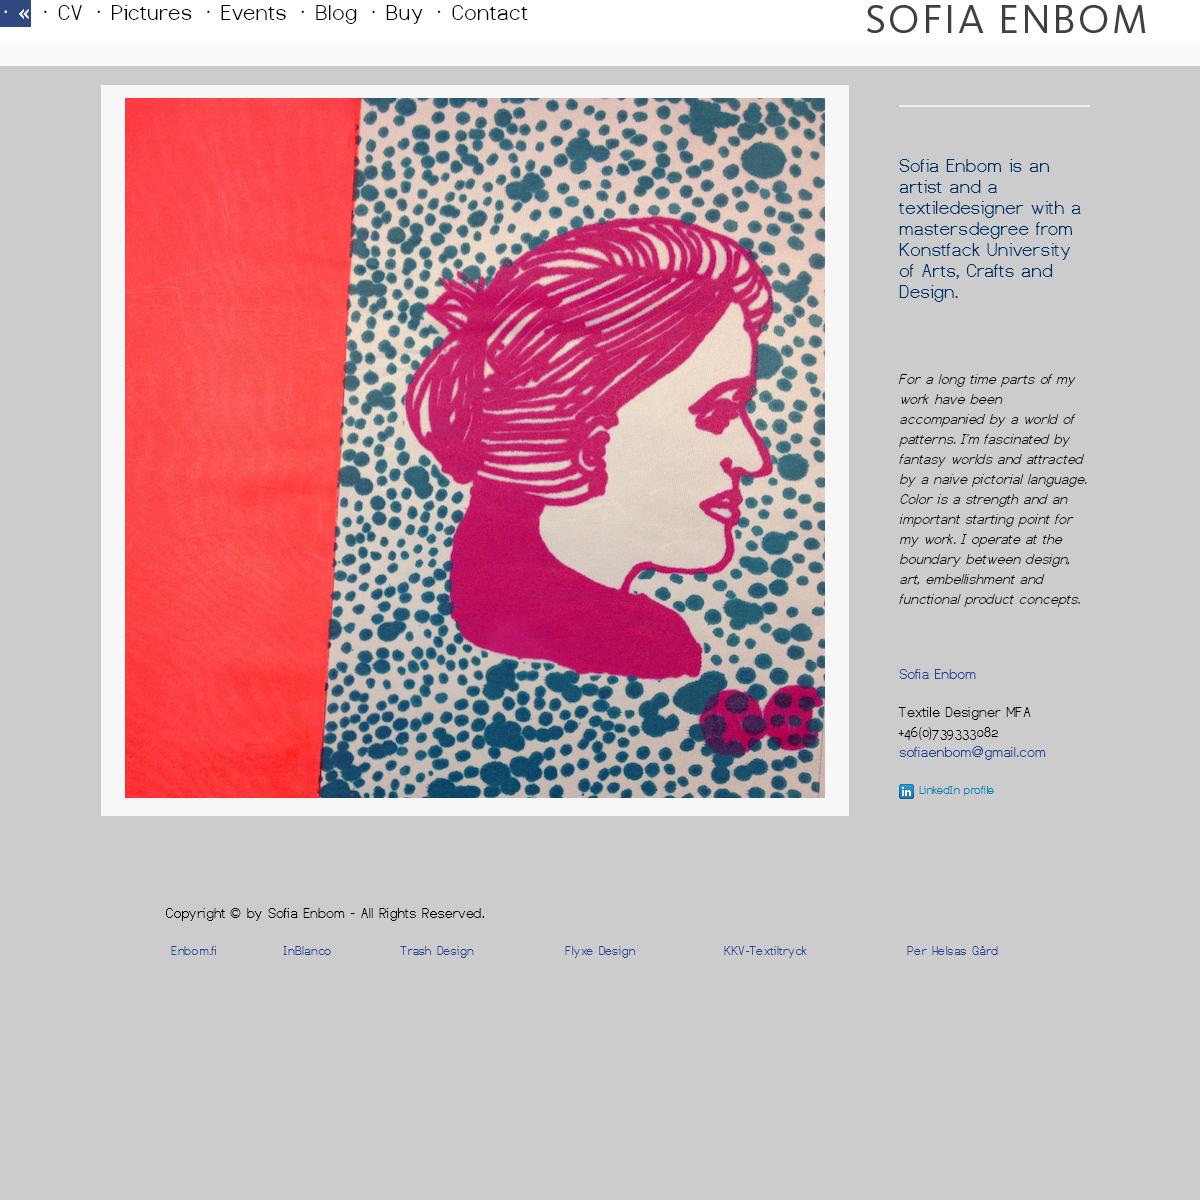 Sofia Enbom